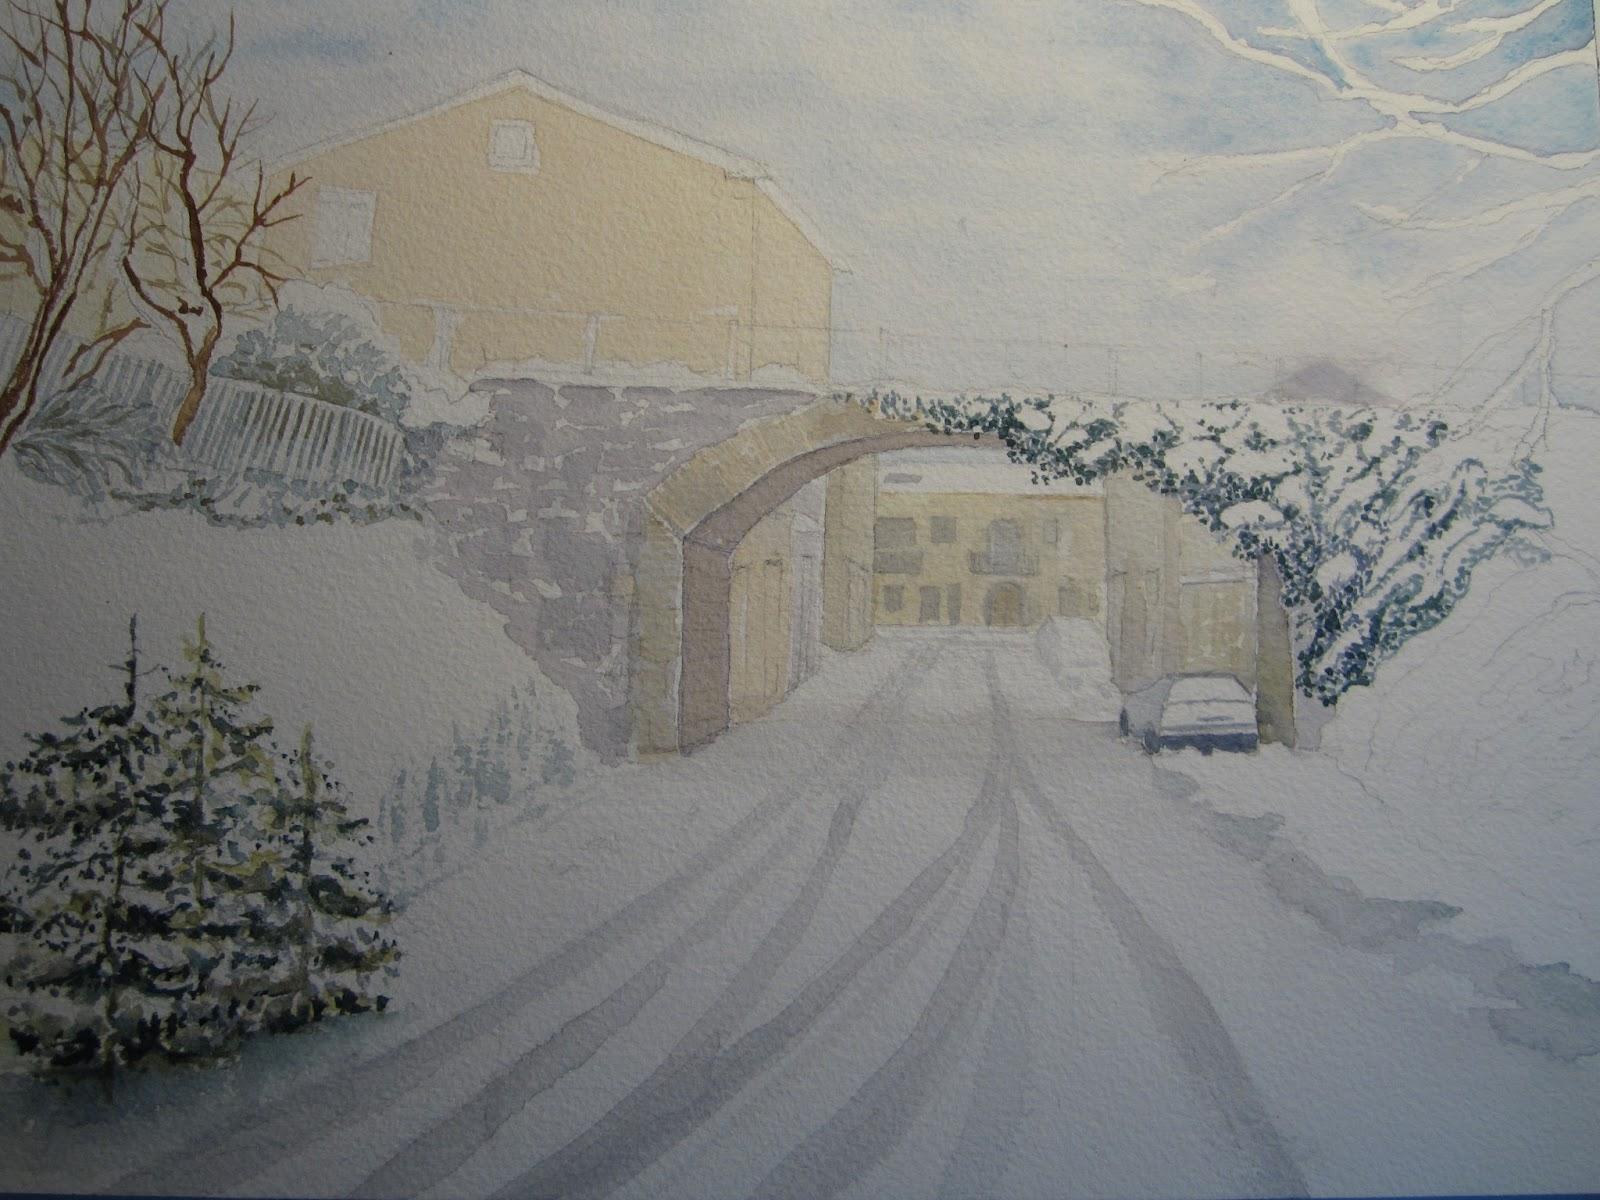 CIAM Prima lezione di acquerello del 2013 paesaggio invernale casacalendese